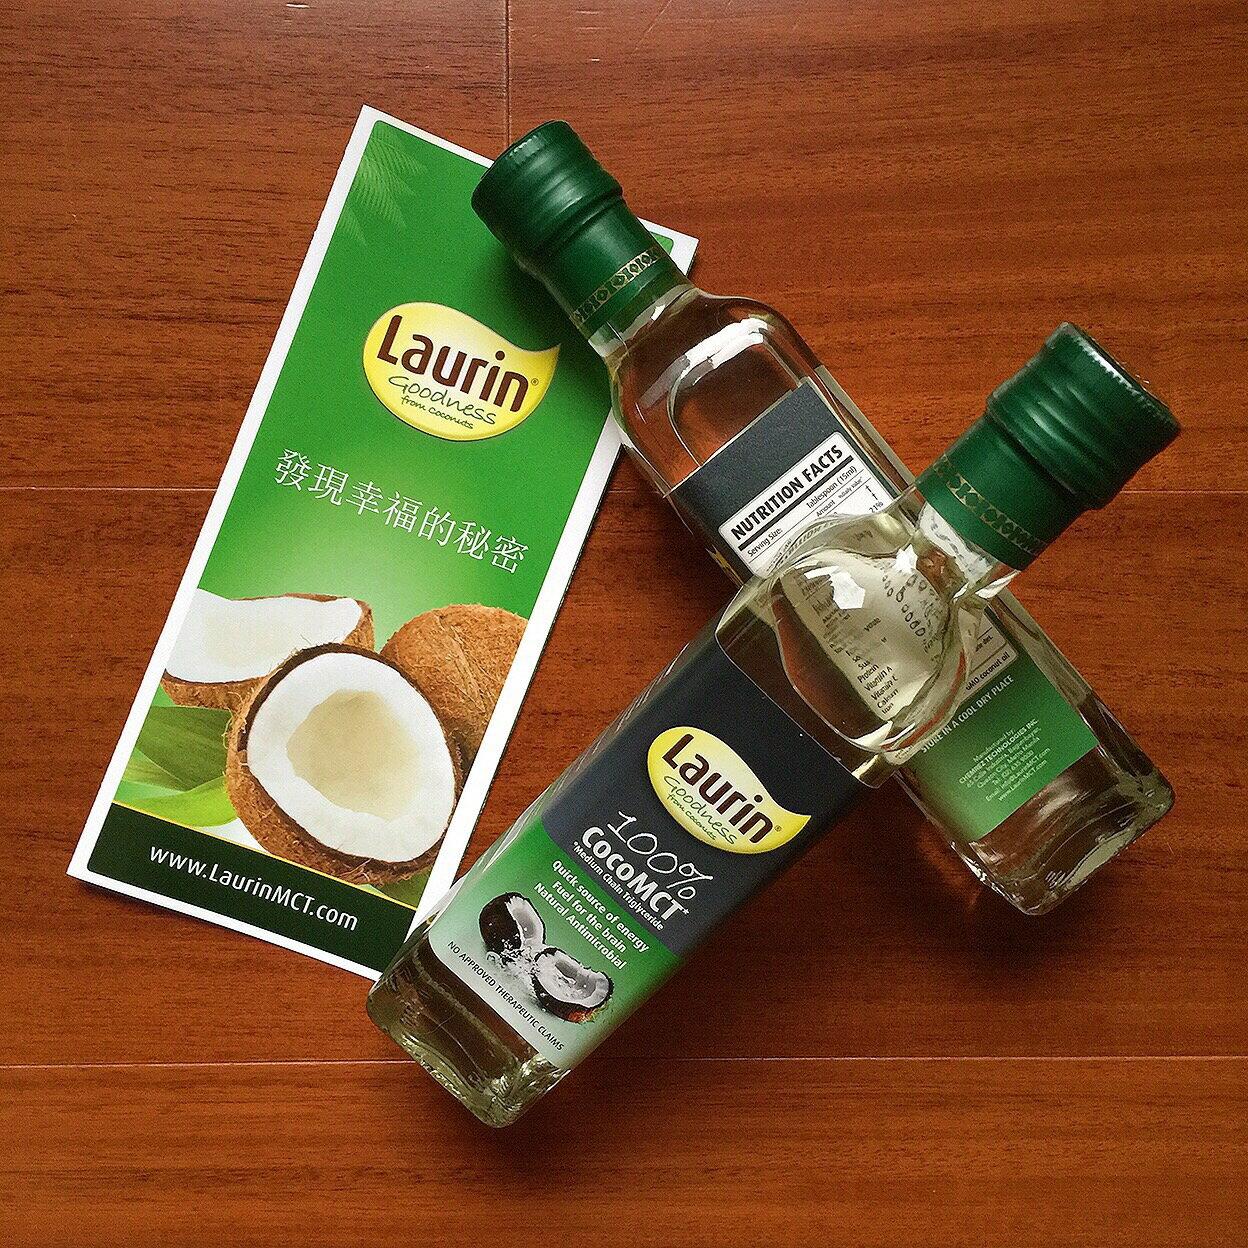 ★防彈中鏈脂肪酸★五倍冷壓椰子油營養~【菲律賓原裝進口Laurin 100%MCT椰子油】 250ml X 3